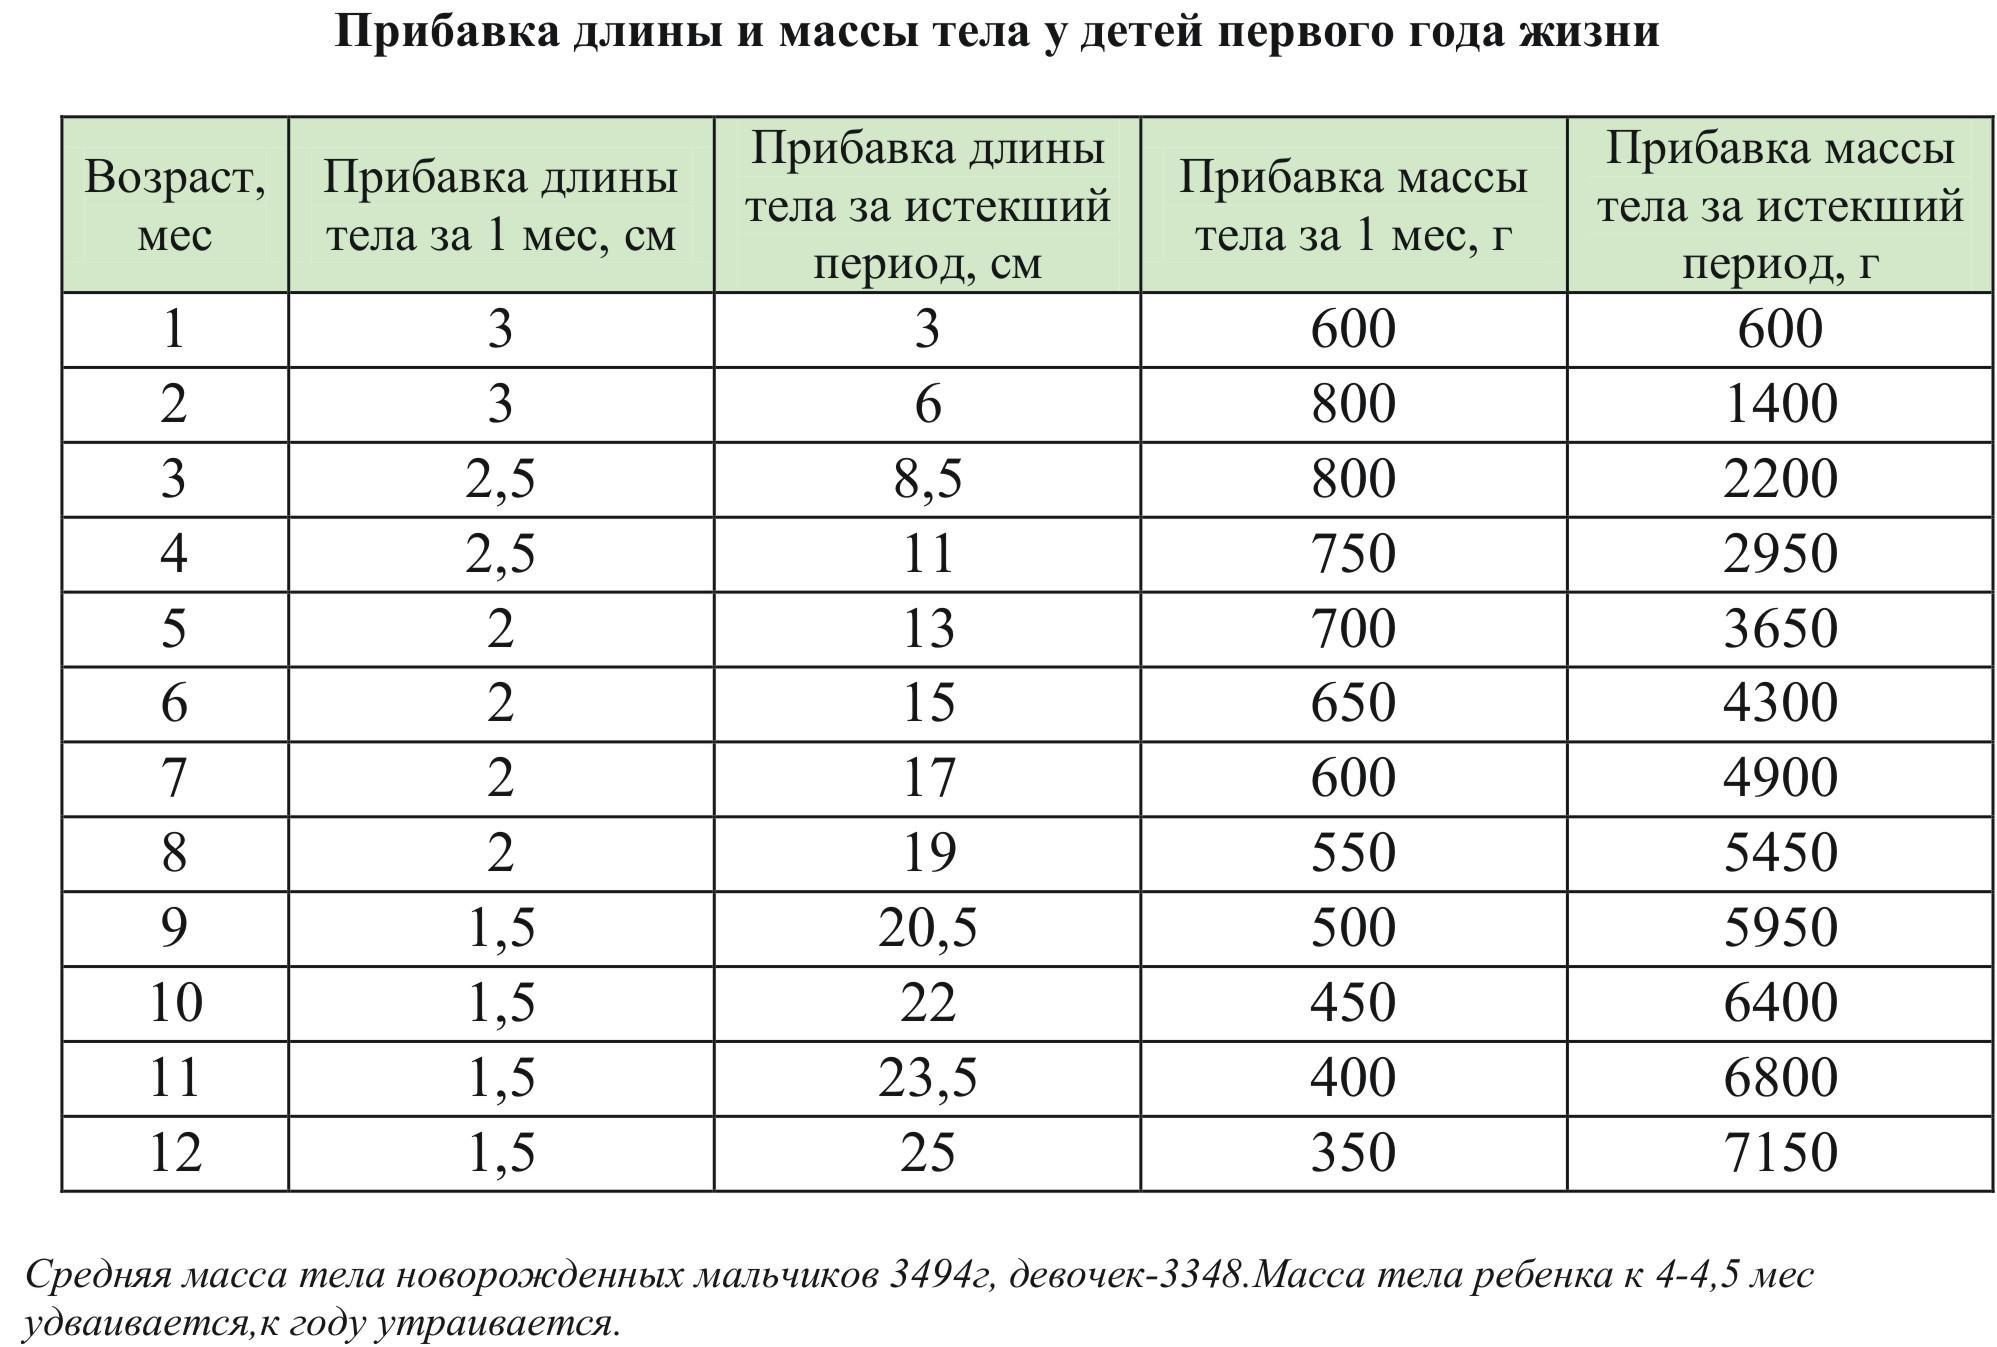 Таблица прибавок веса и роста детей до года